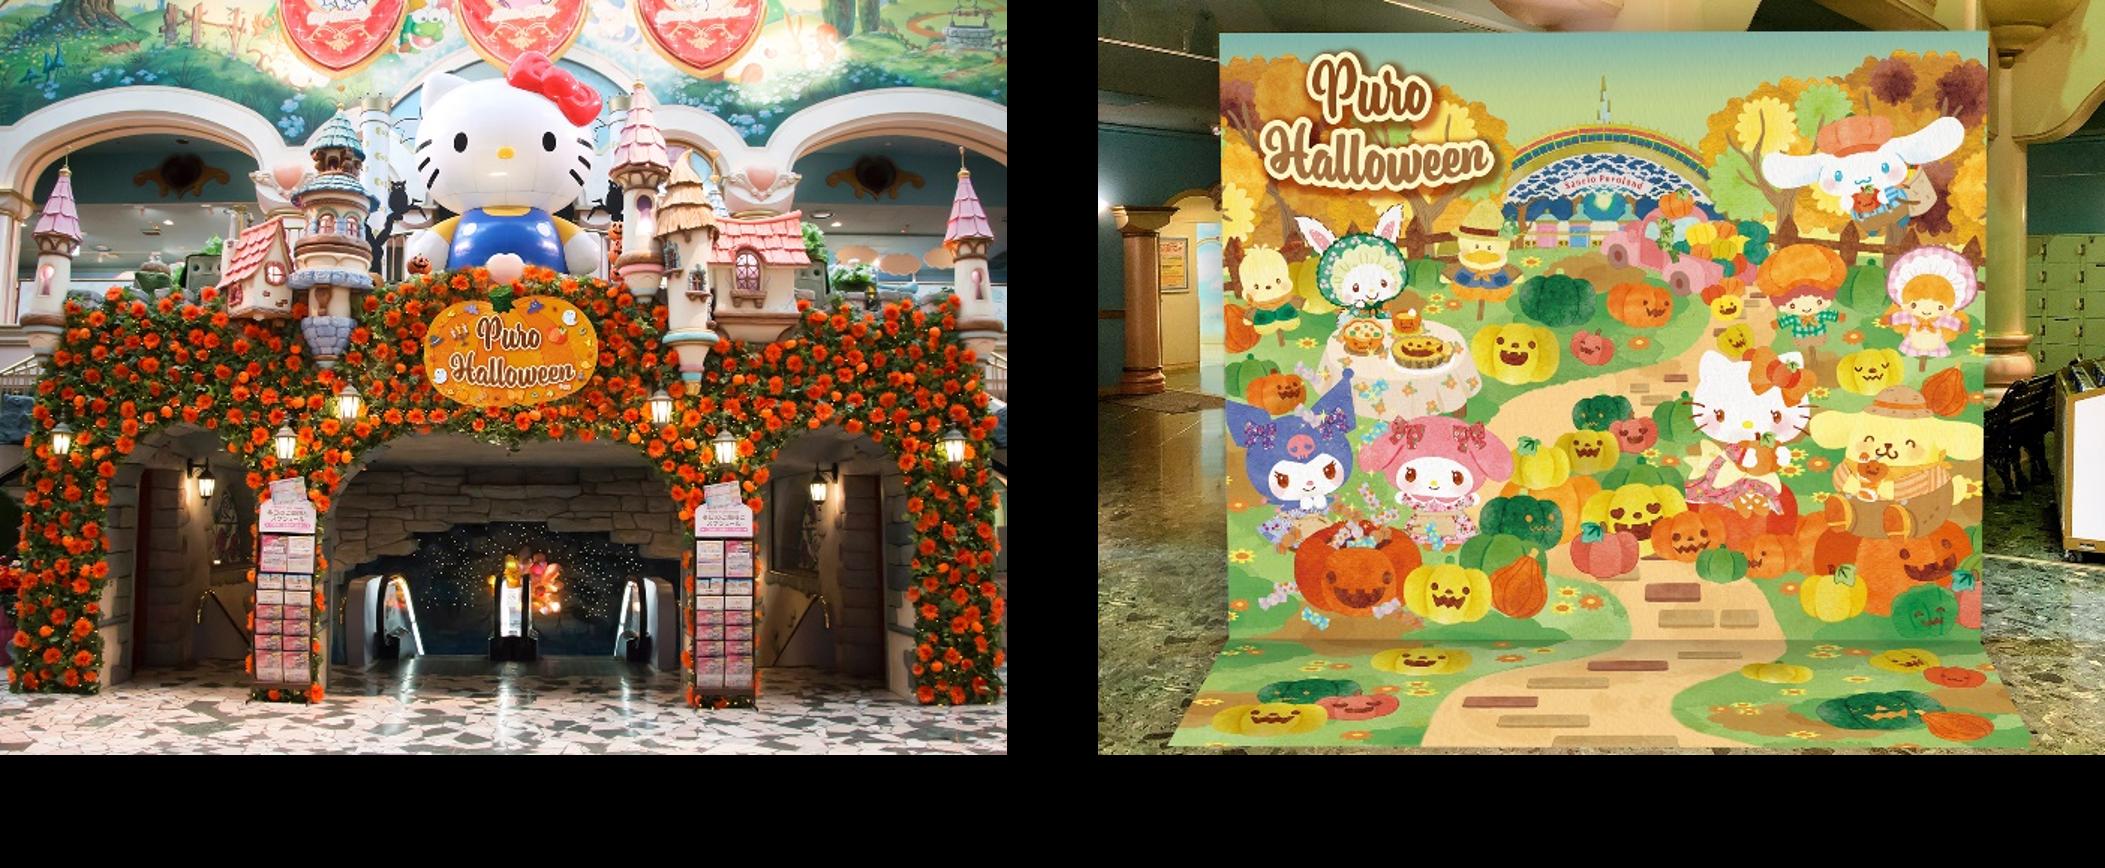 Puroland Halloween